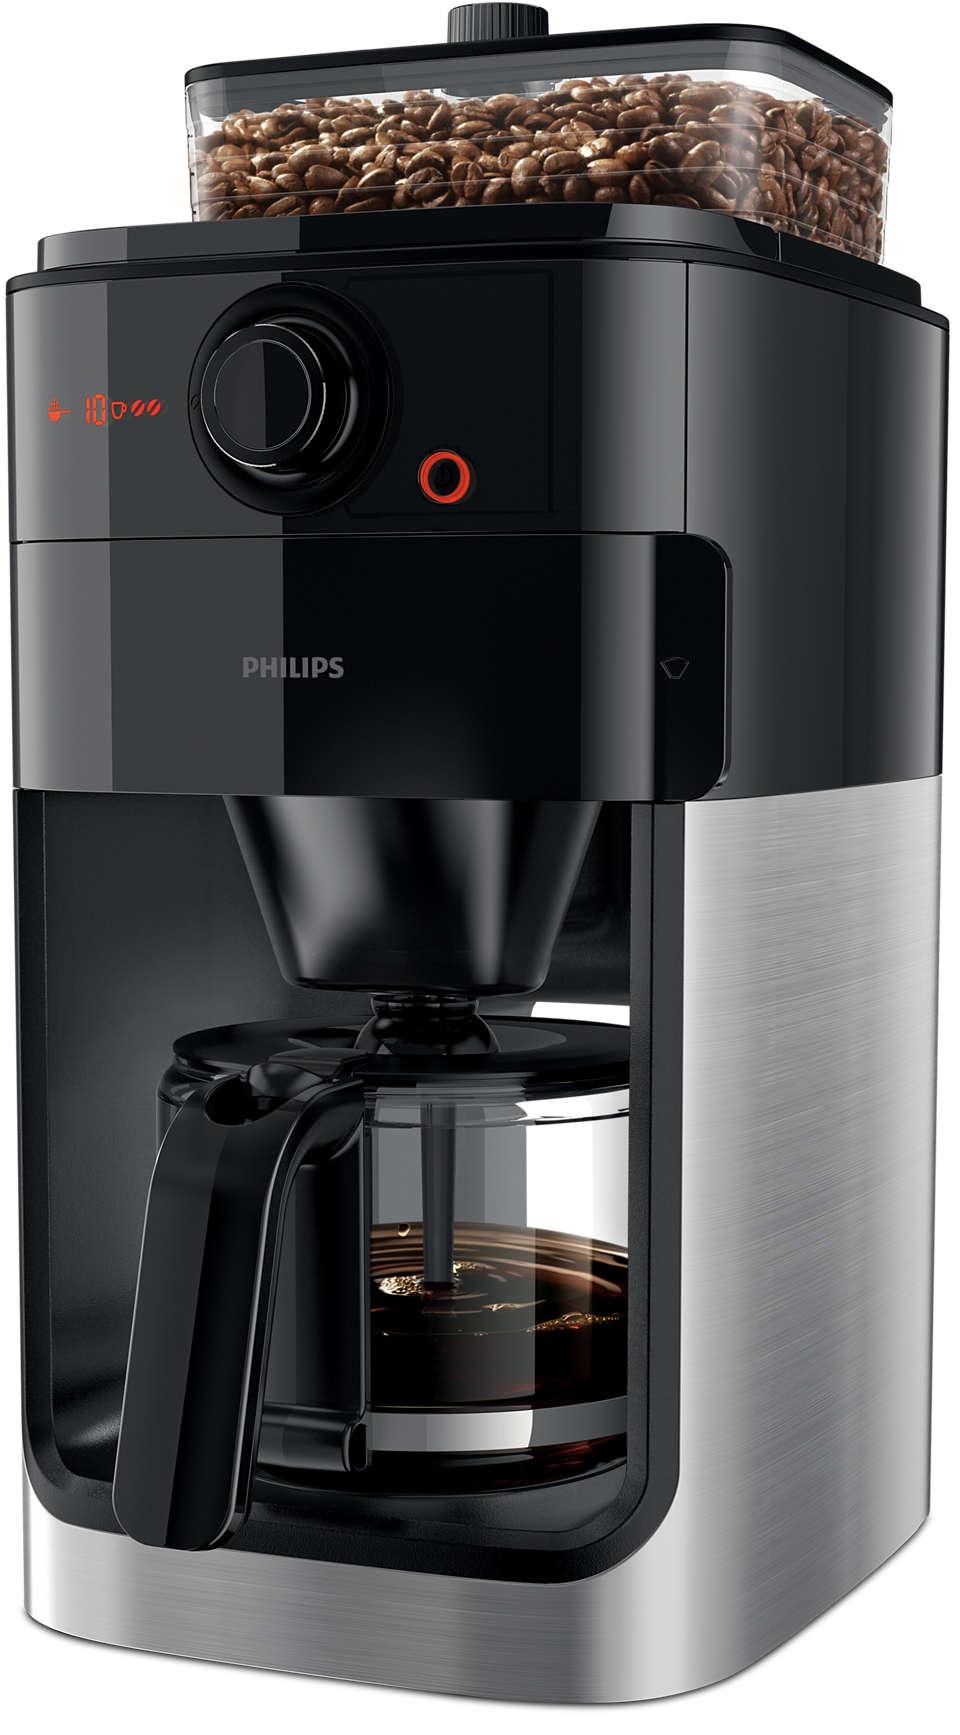 Základem skvělé kávy jsou čerstvě namletá zrnka